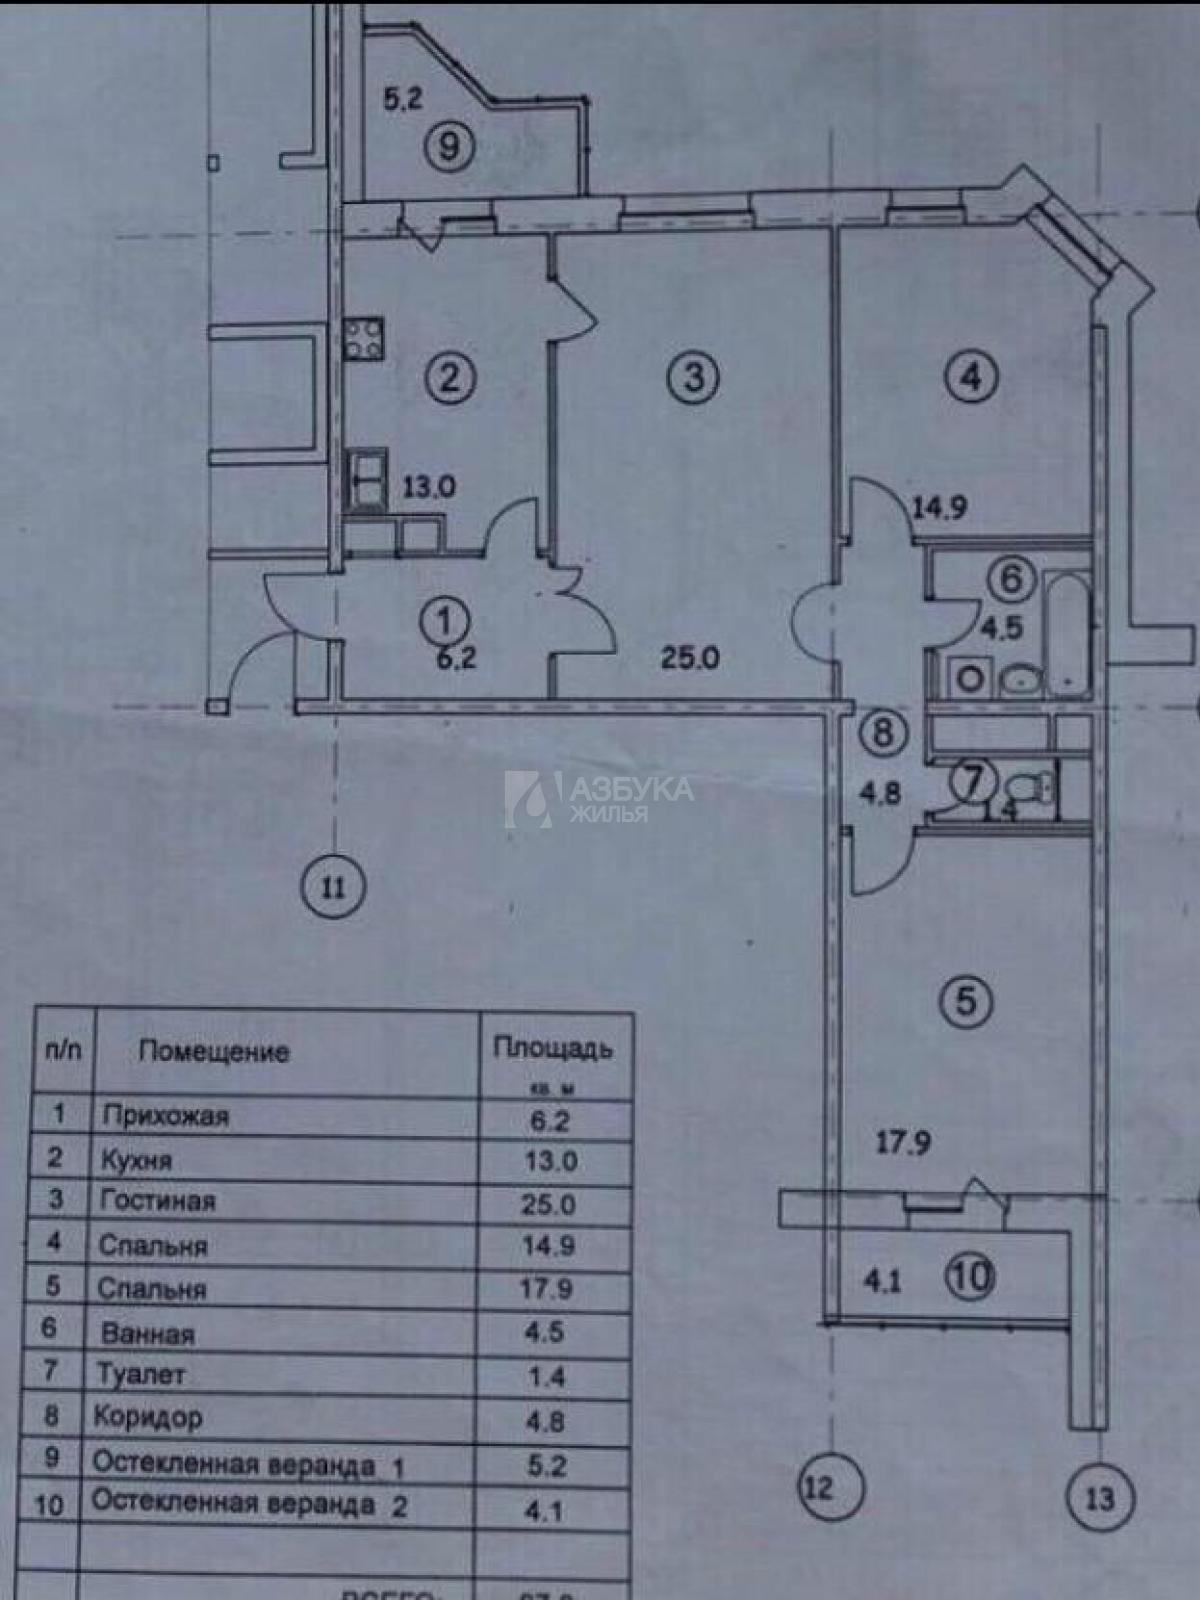 Фото №3 - 3-комнатная квартира, Одинцово, Можайское шоссе 80 корпус А, метро Кунцевская